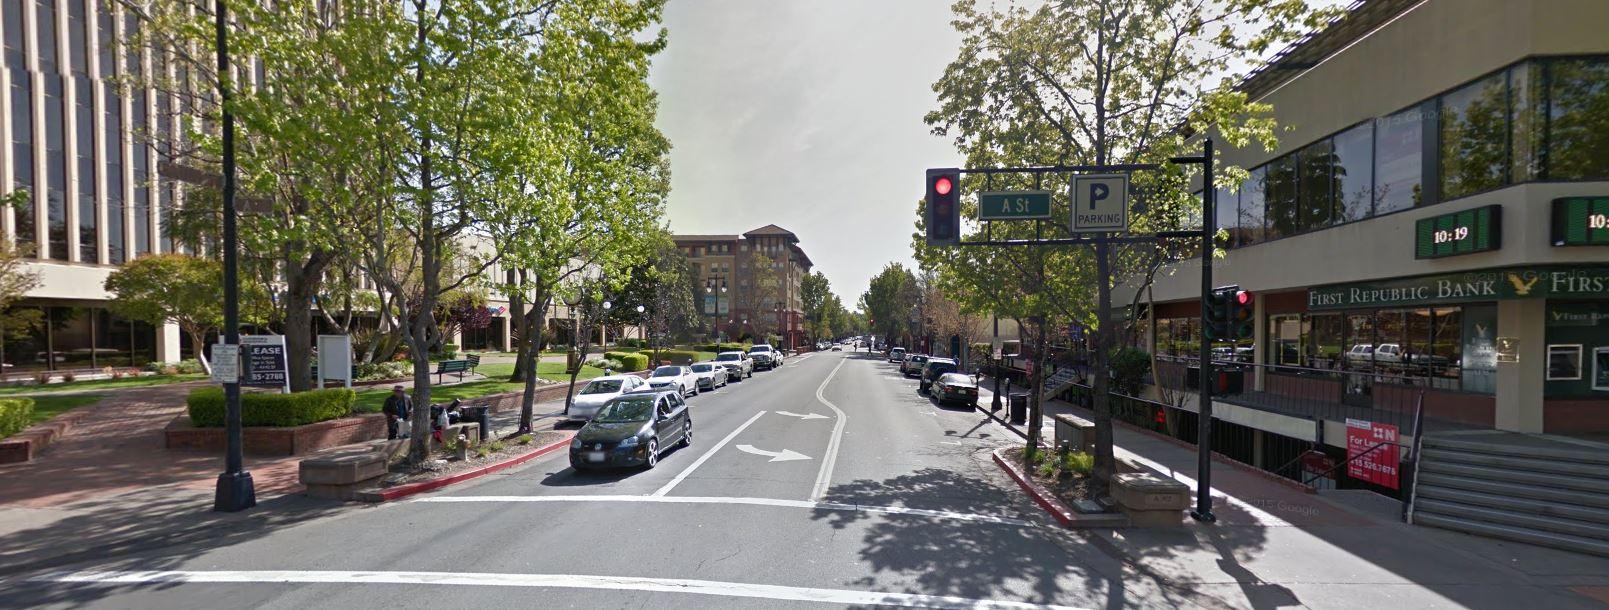 Fourth Street